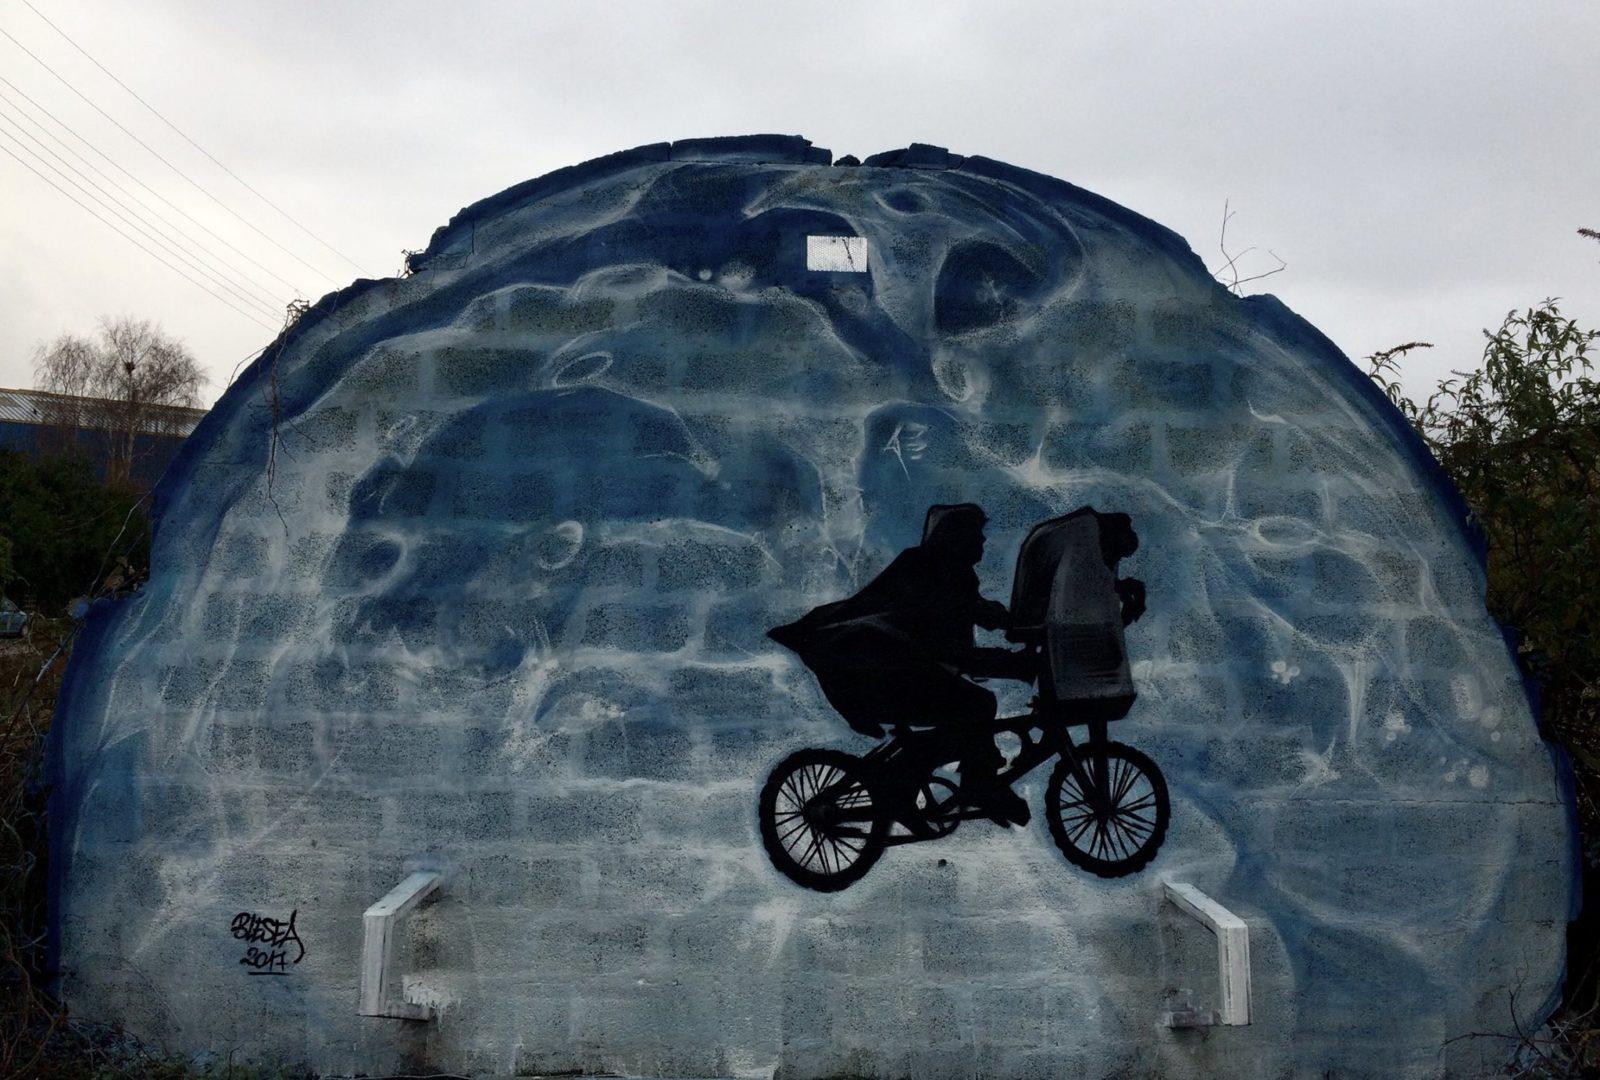 blesea et - Les graffitis de Blesea inondent la ville (et les plages) de pop culture